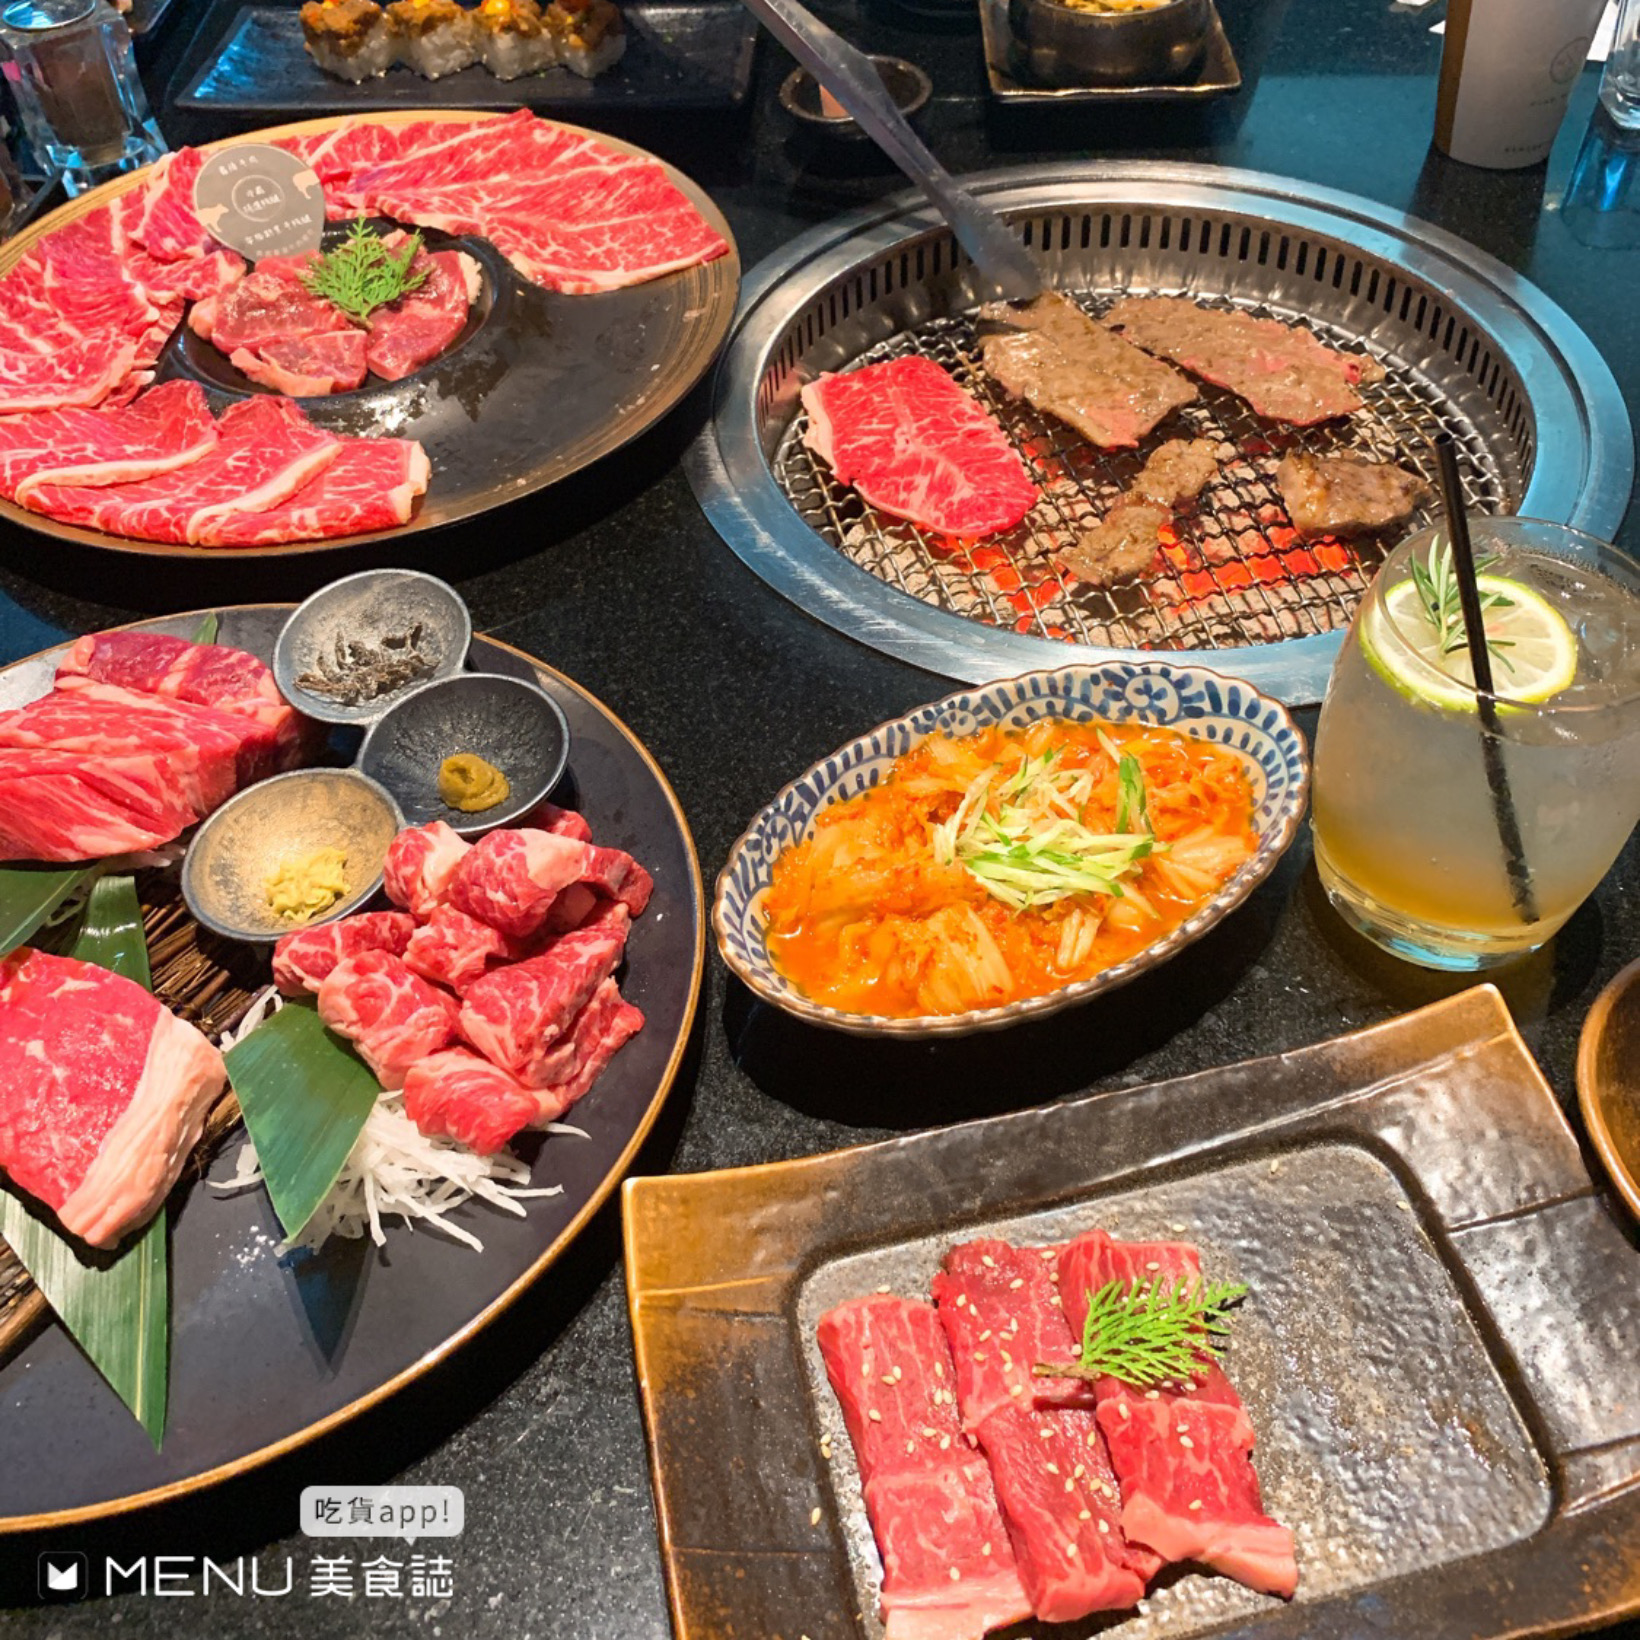 今年就在等這一攤,燒肉 TOP10 來囉!中秋烤肉約一波,專人代烤、高級食材滿足你!受疫情影響單人燒肉大受歡迎?!